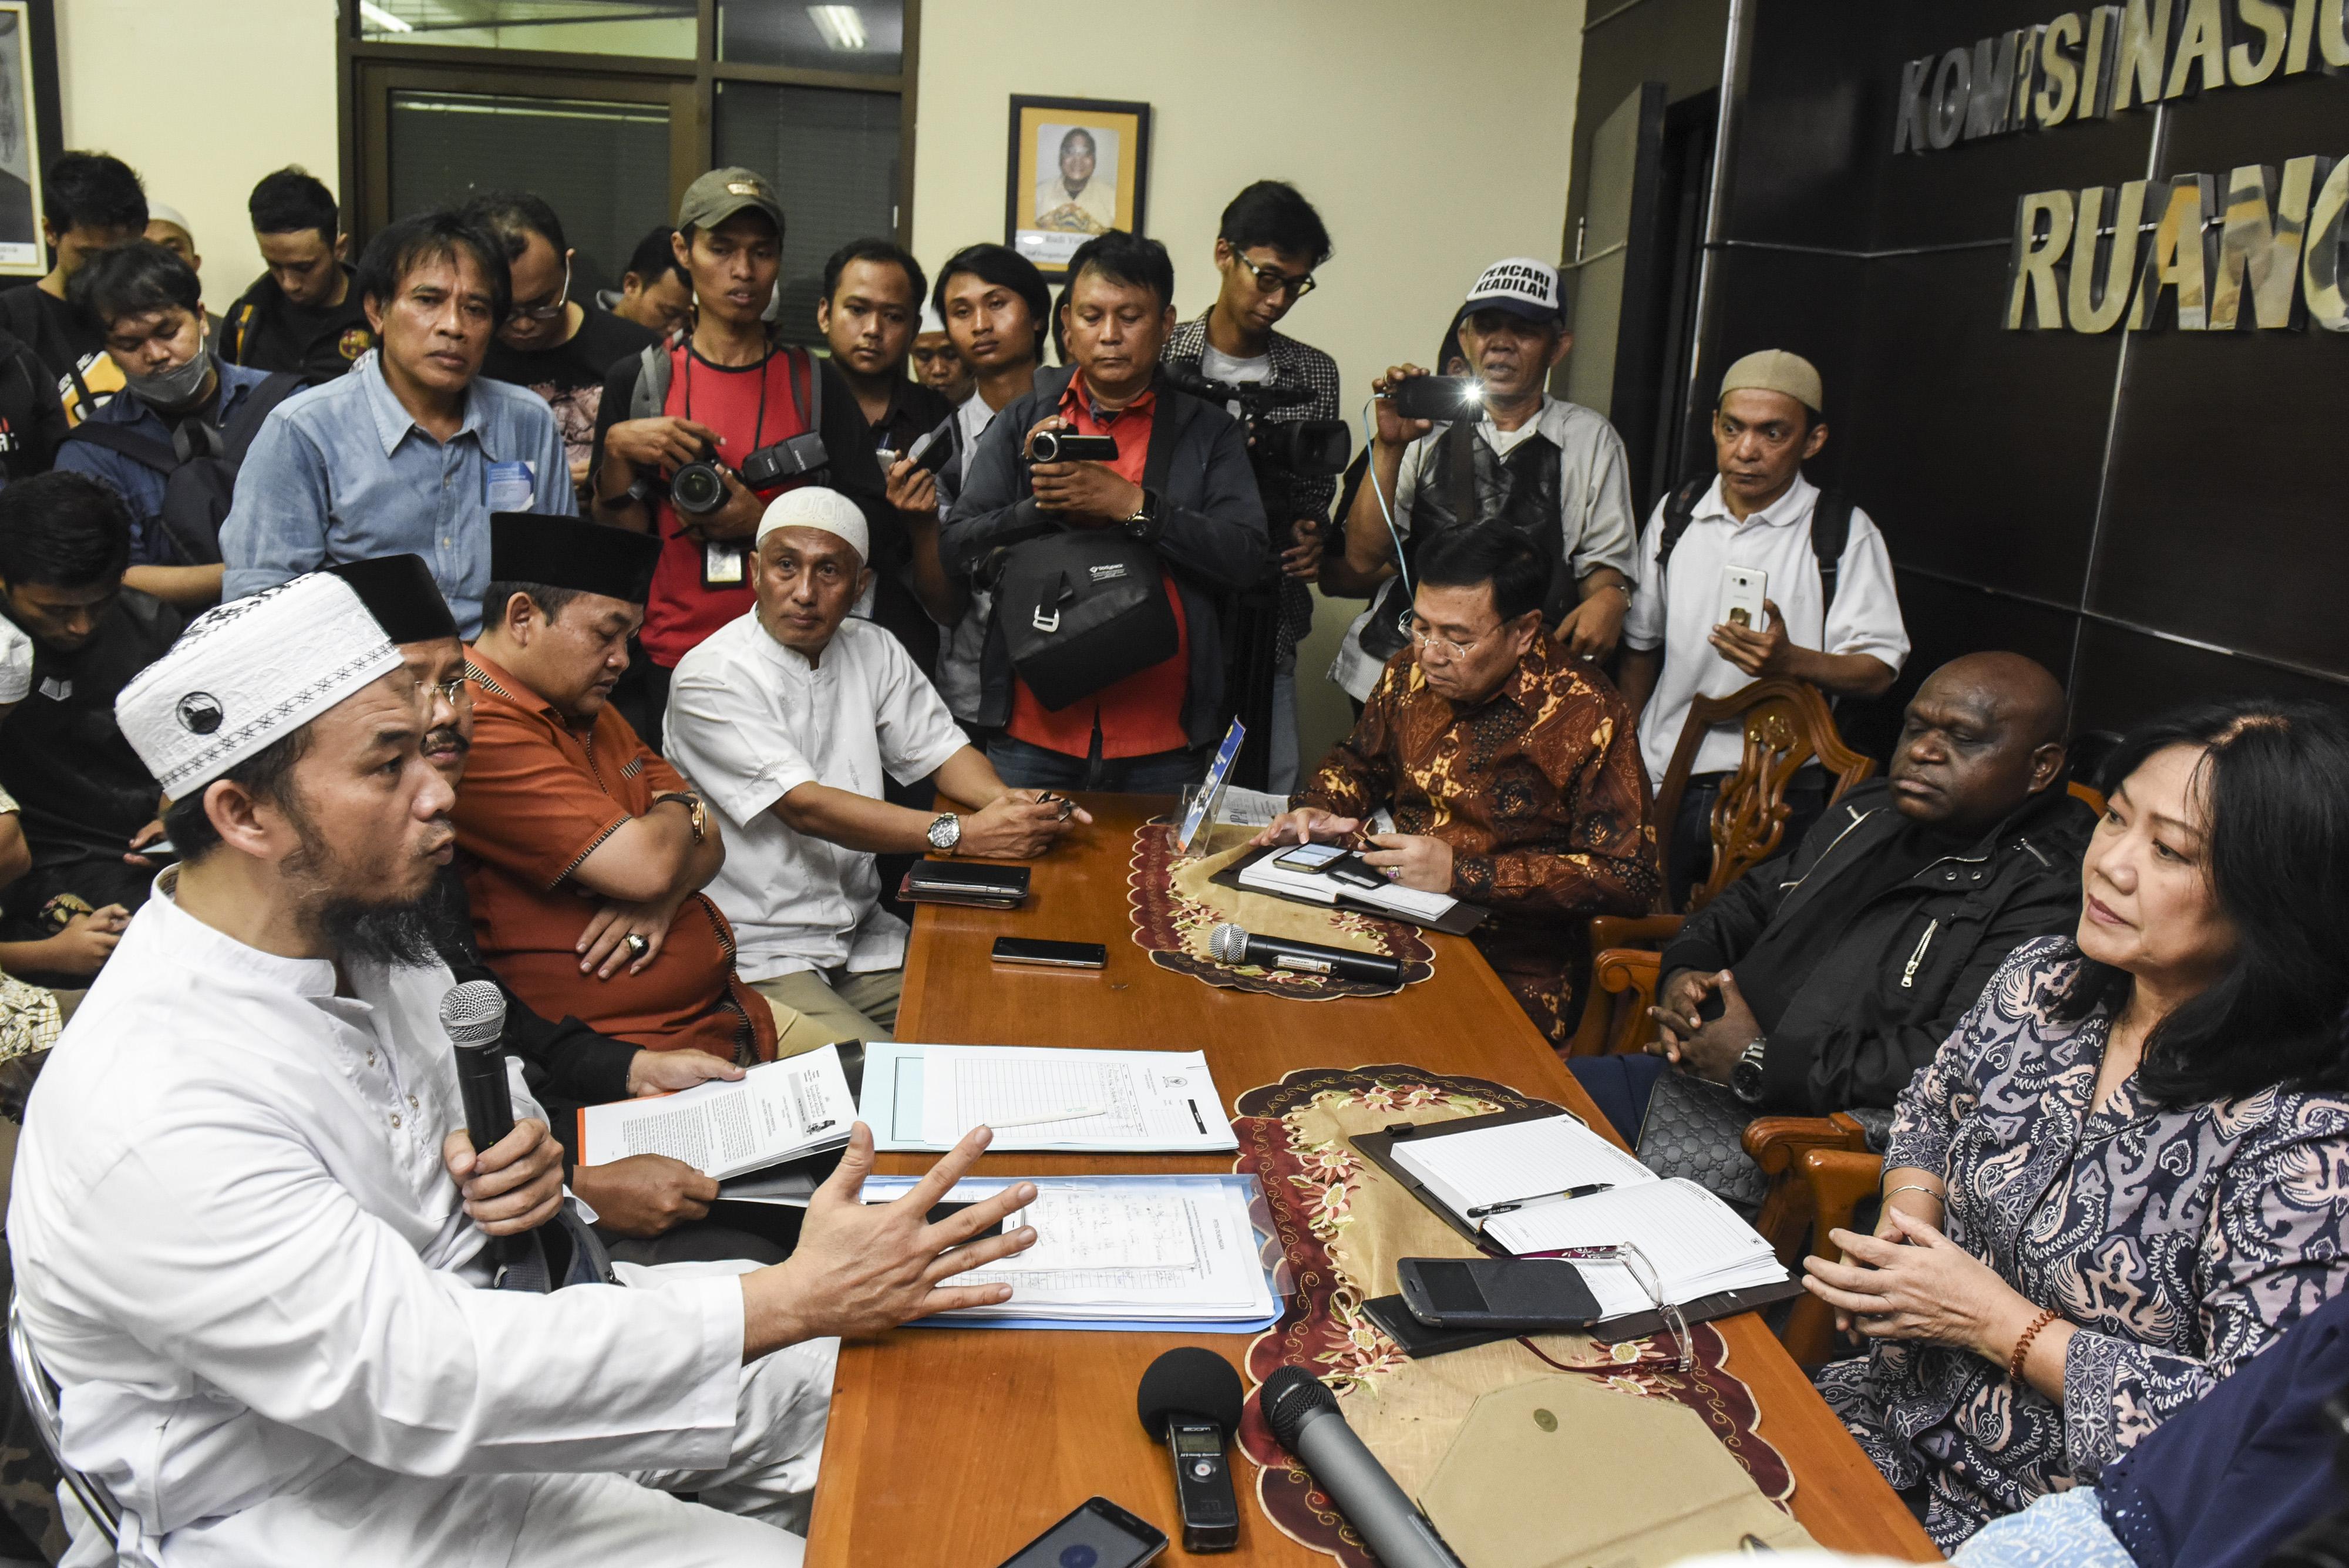 HTI dan Presidium 212 Berharap Damai dengan Pemerintah